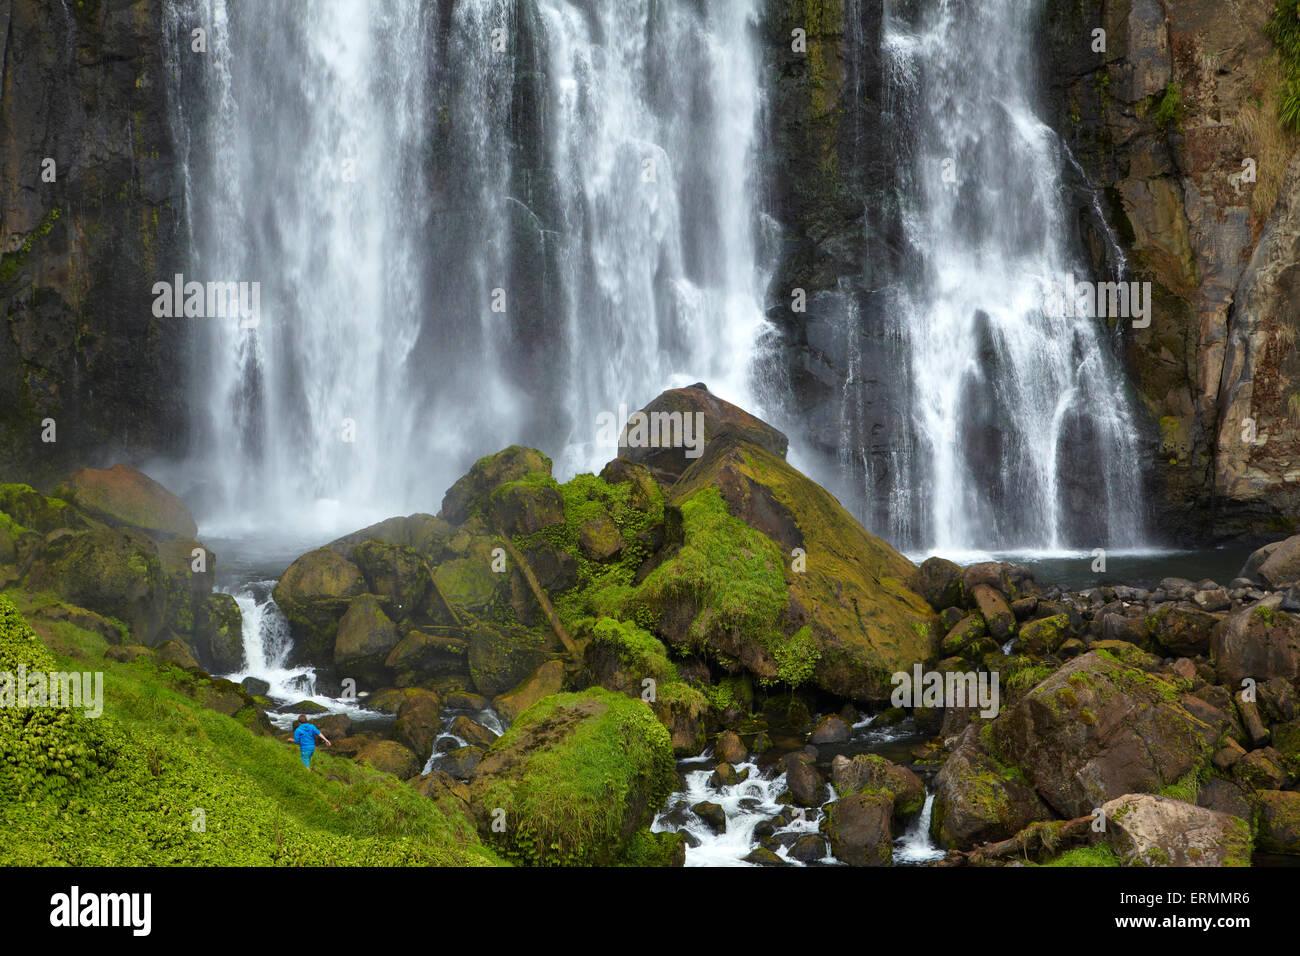 Marokopa Falls, distrito de Waitomo, Waikato, Isla del Norte, Nueva Zelanda Imagen De Stock